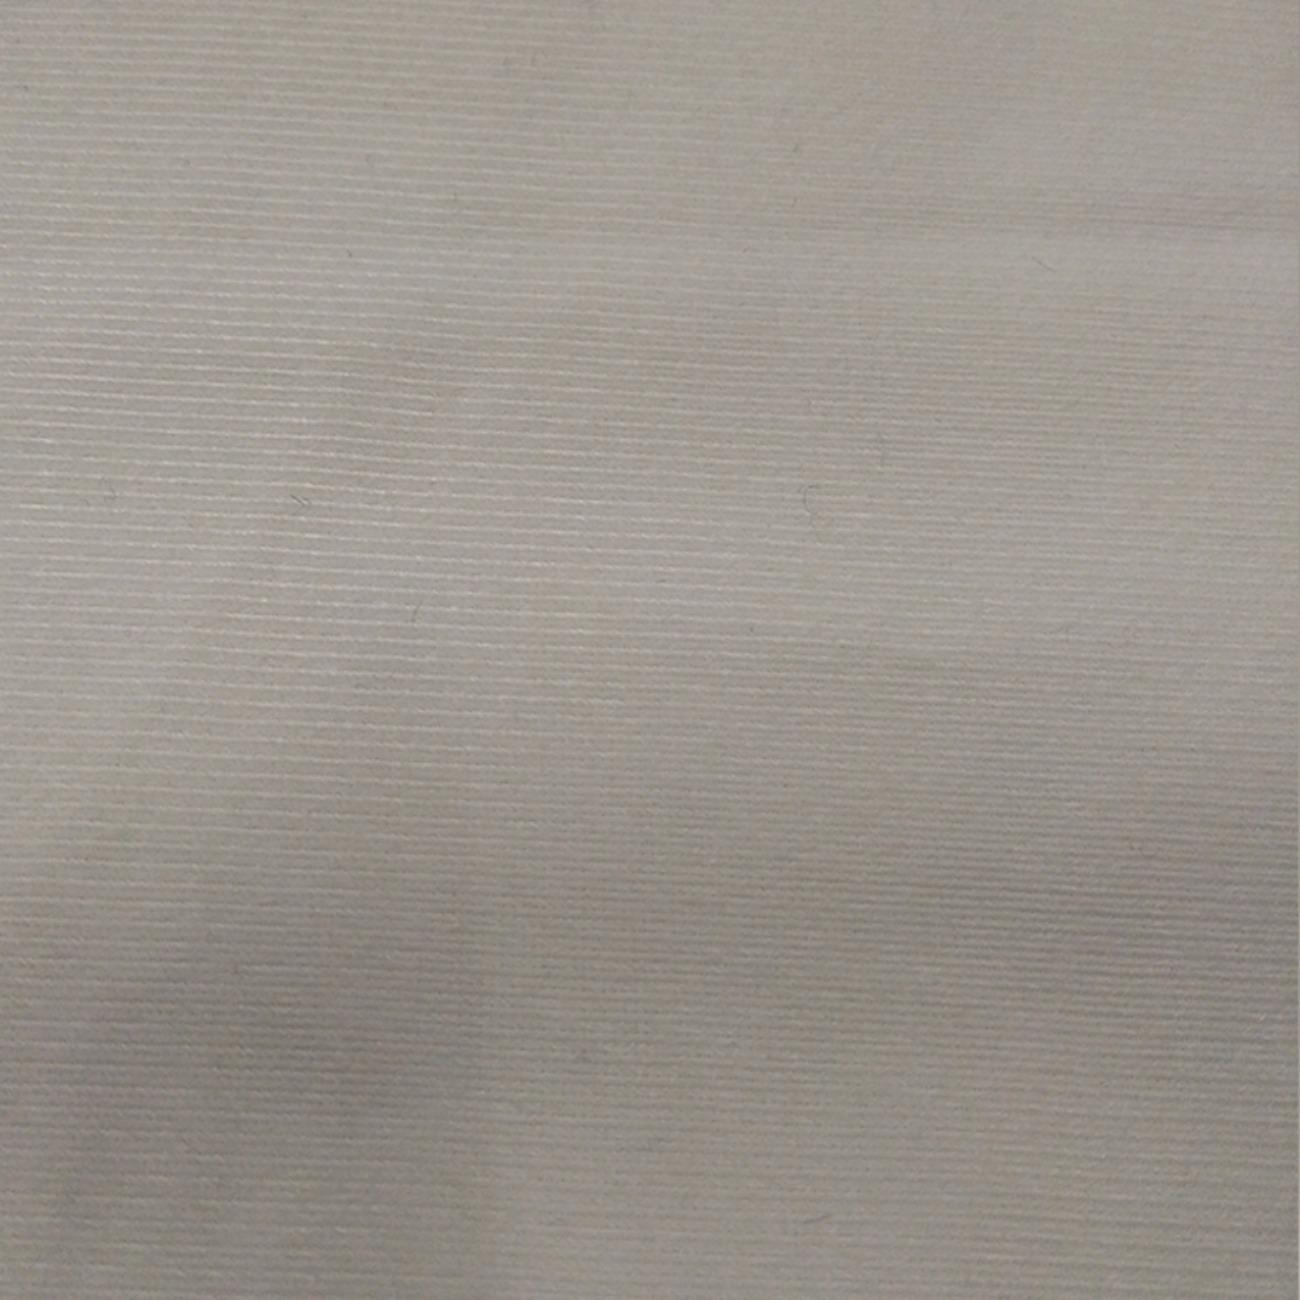 厂家定制直纹天鹅绒面料